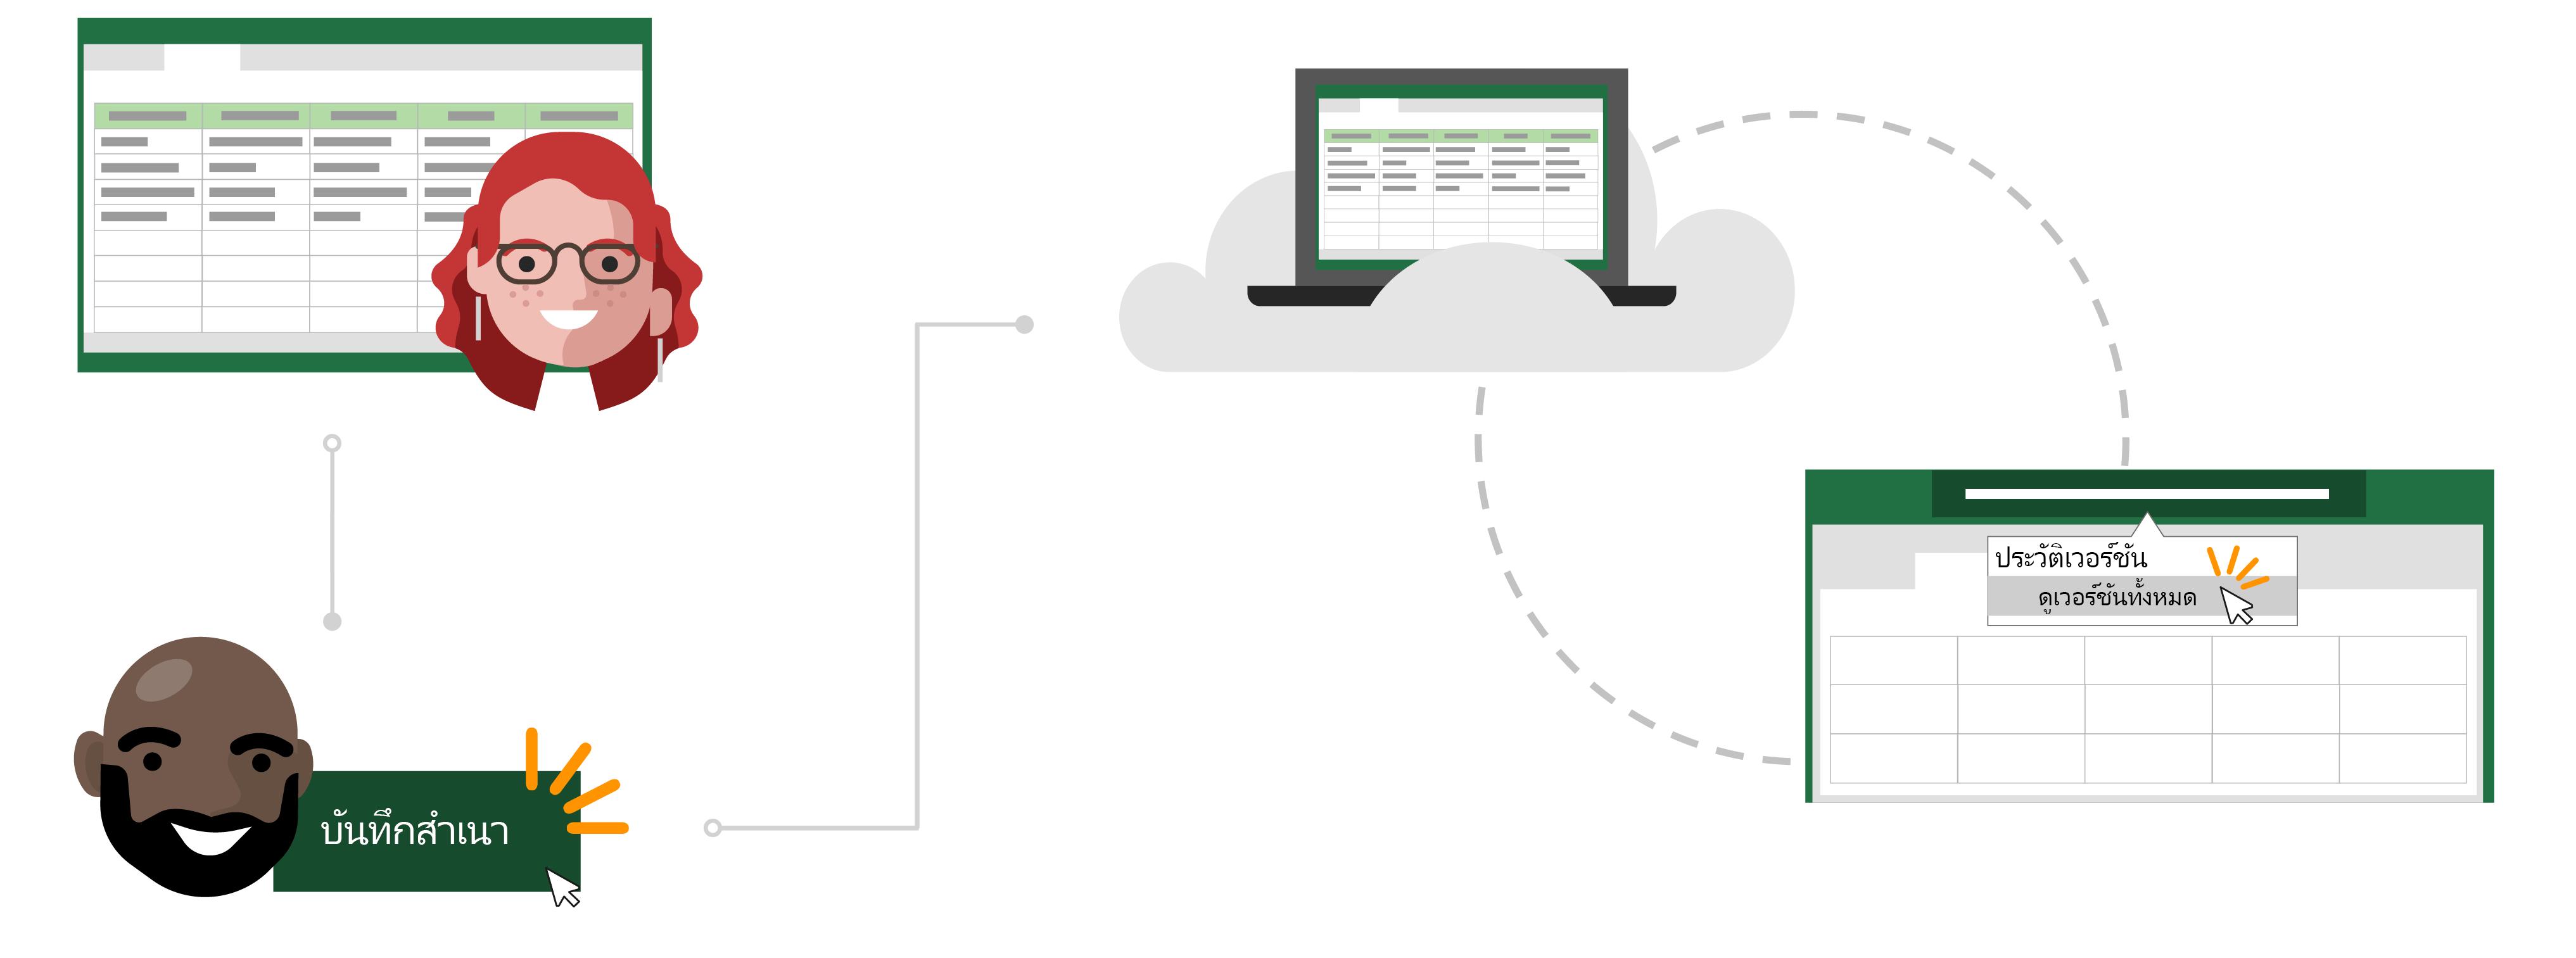 ใช้ไฟล์ที่มีอยู่ใน cloud ที่เป็นเทมเพลตสำหรับไฟล์ใหม่โดยใช้การบันทึก